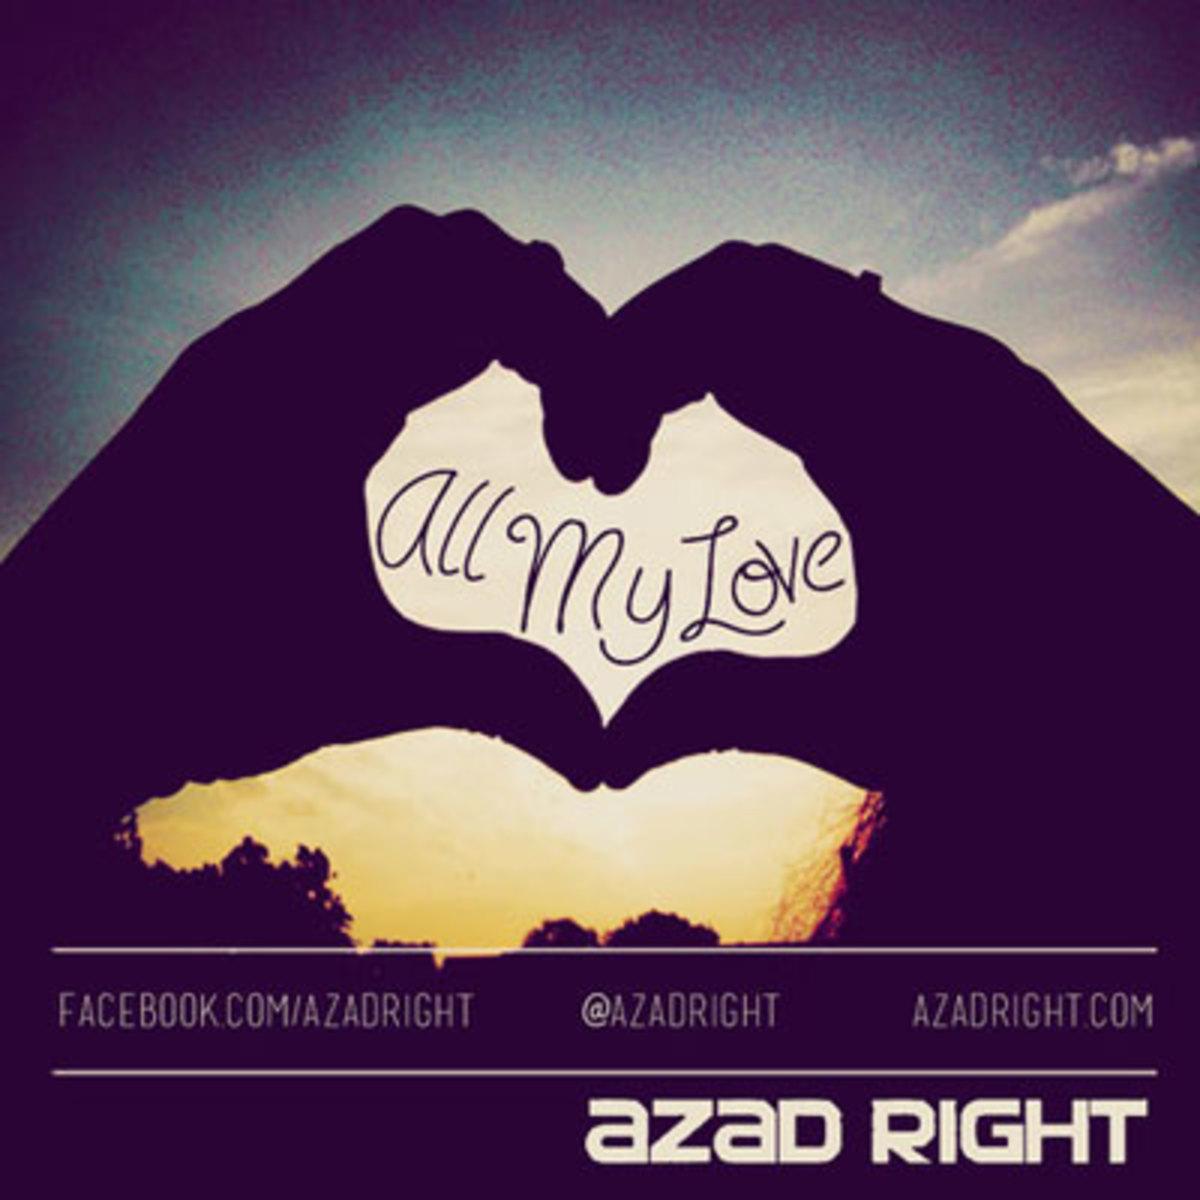 azadright-allmylove.jpg